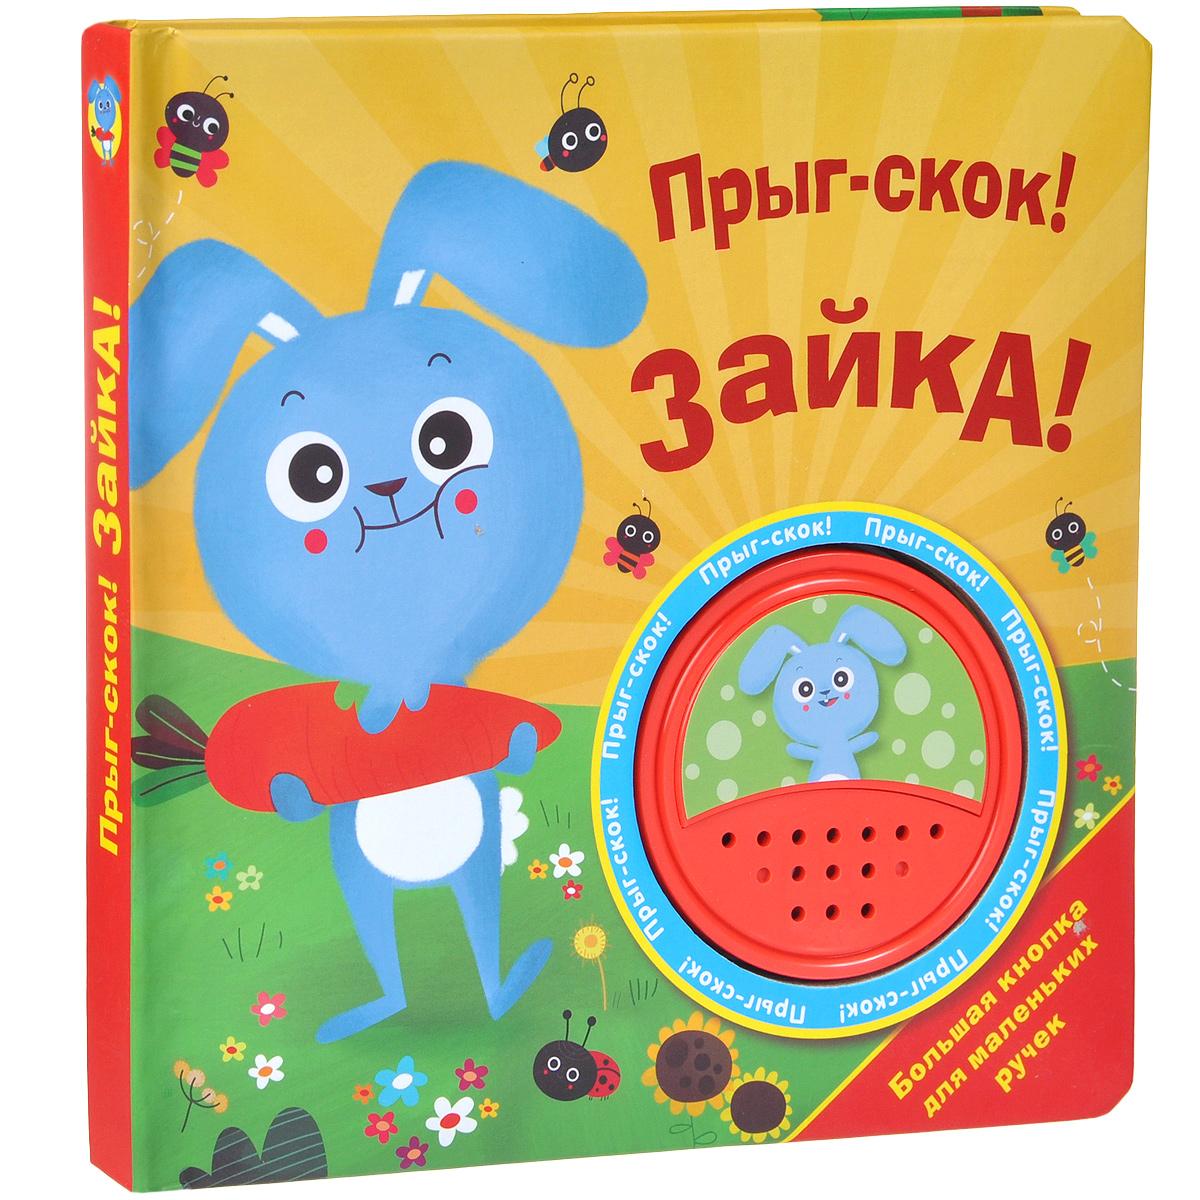 Прыг-скок! Зайка! Книжка-игрушка